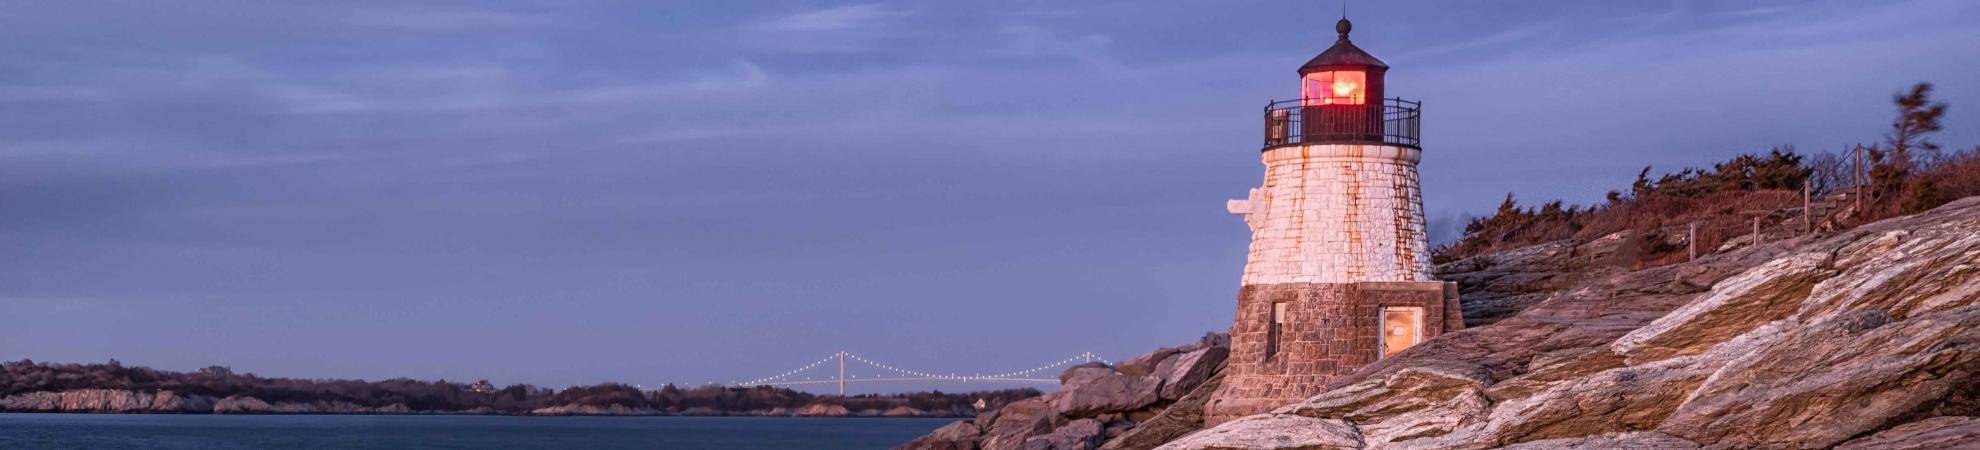 Voyage Newport